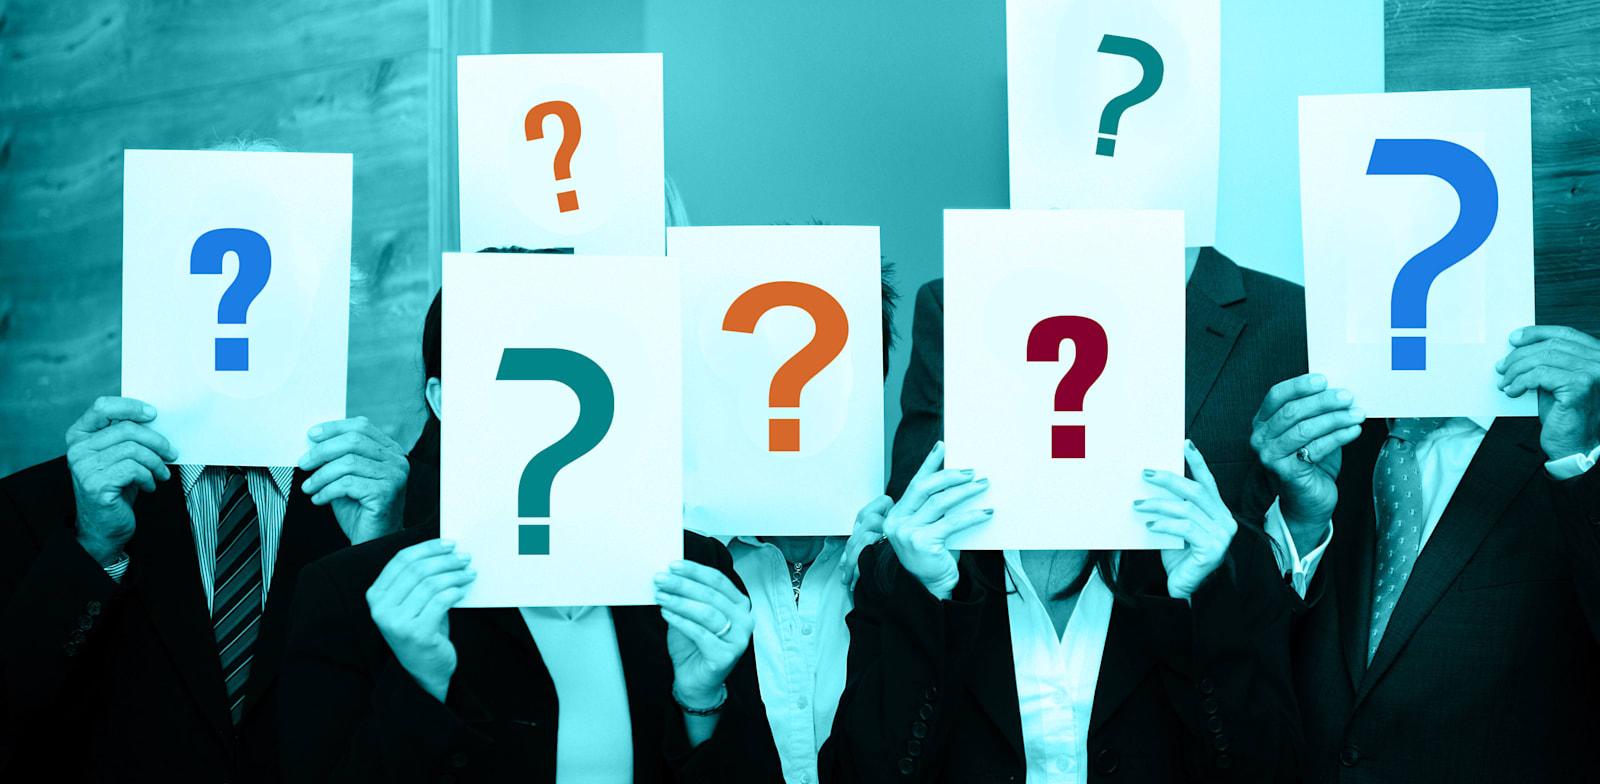 ?איזה מן מנהלות ומנהלים אתם / צילום: Shutterstock